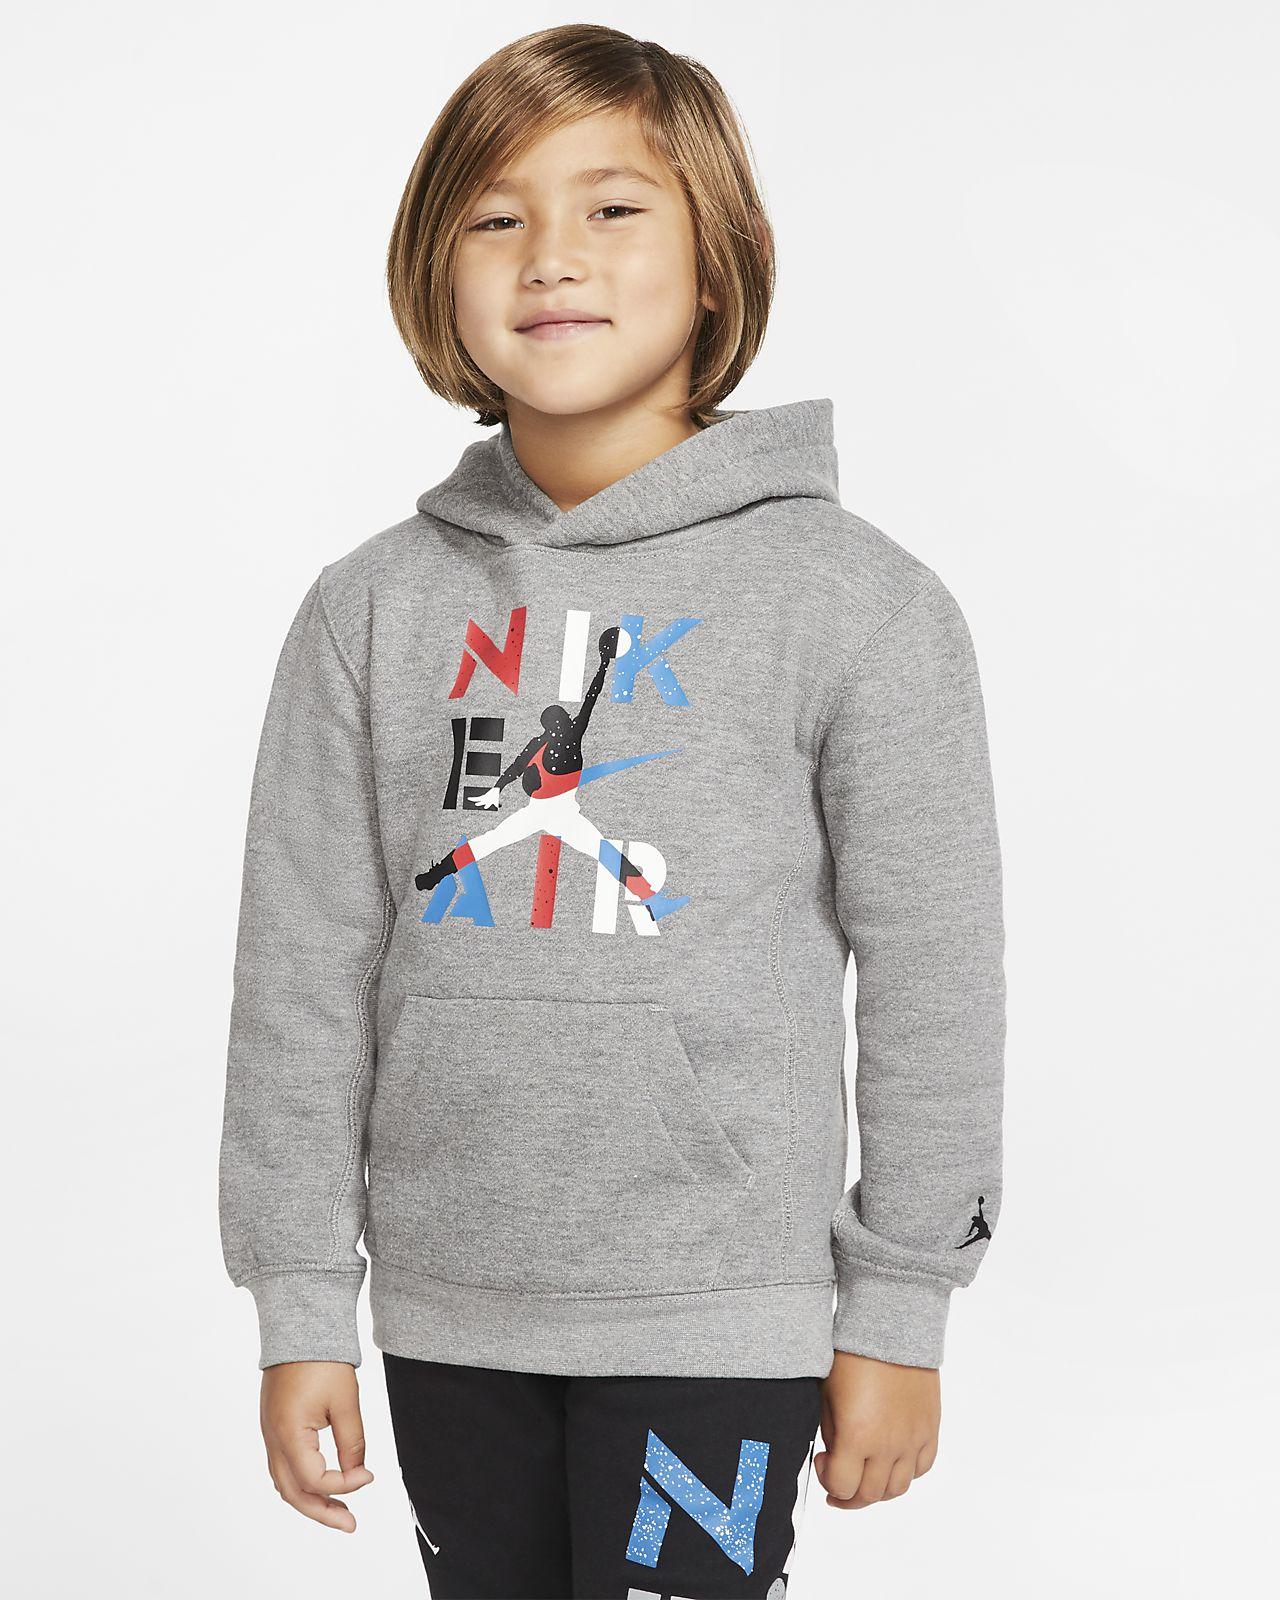 Μπλούζα με κουκούλα Air Jordan για μικρά παιδιά